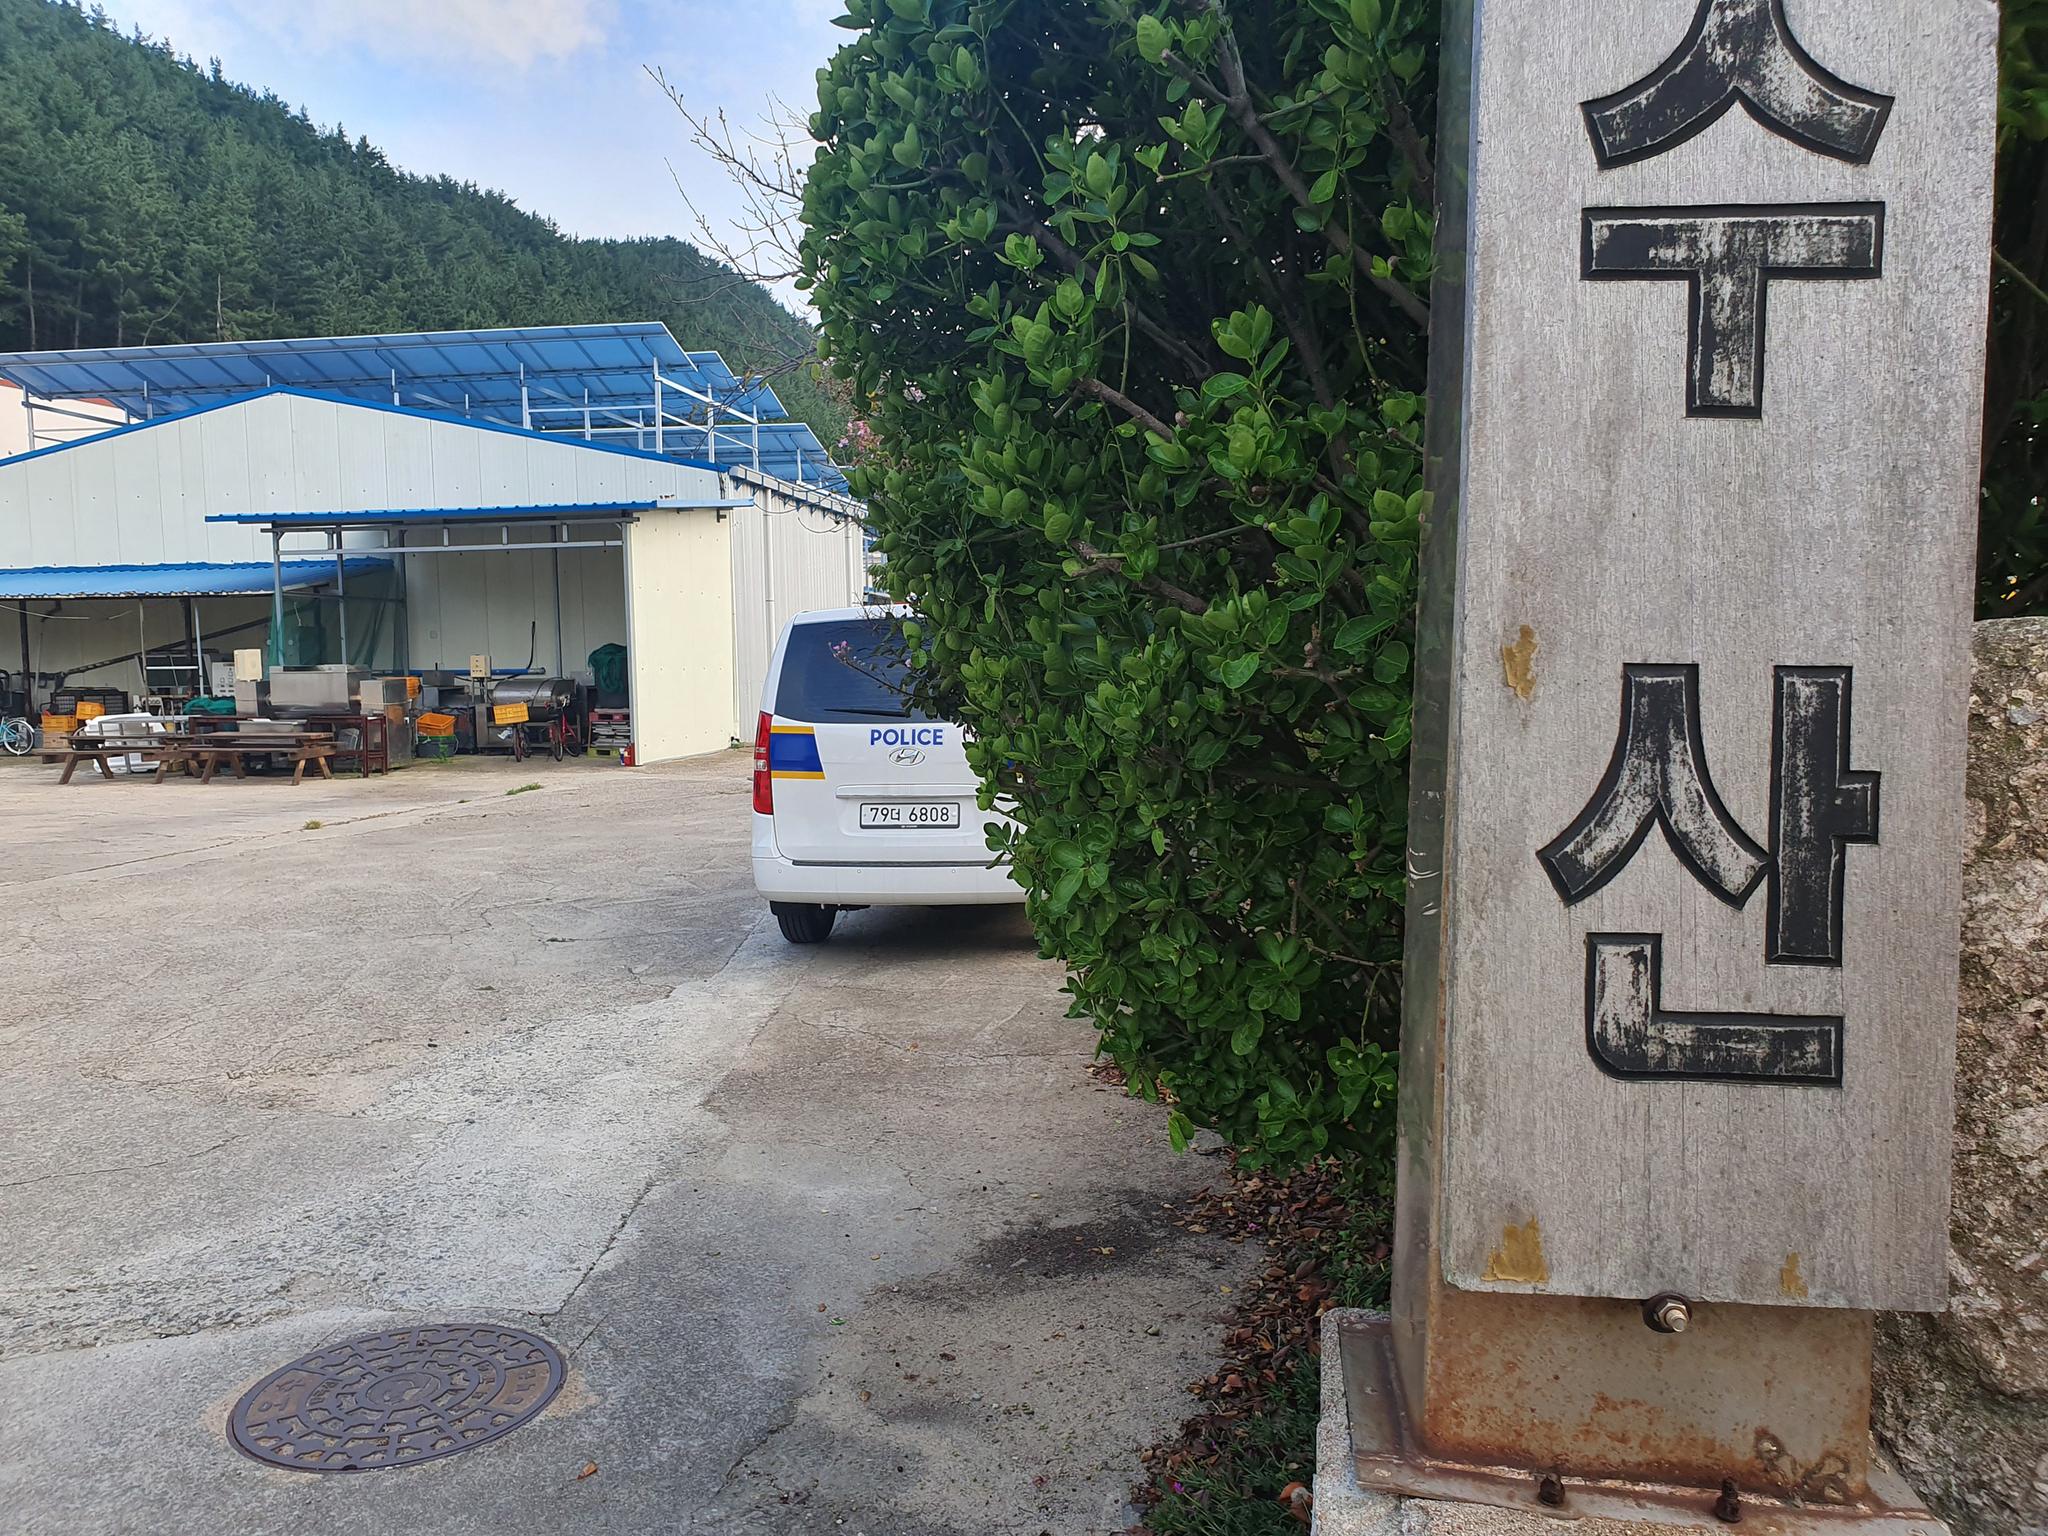 10일 오후 경북 영덕군 축산면 한 오징어가공업체에 경찰차가 서 있다. 이날 오후 이곳에서는 폐수처리장을 청소하기 위해 들어간 외국인 노동자 4명이 가스에 중독돼 쓰러진 뒤 숨졌다. [연합뉴스]